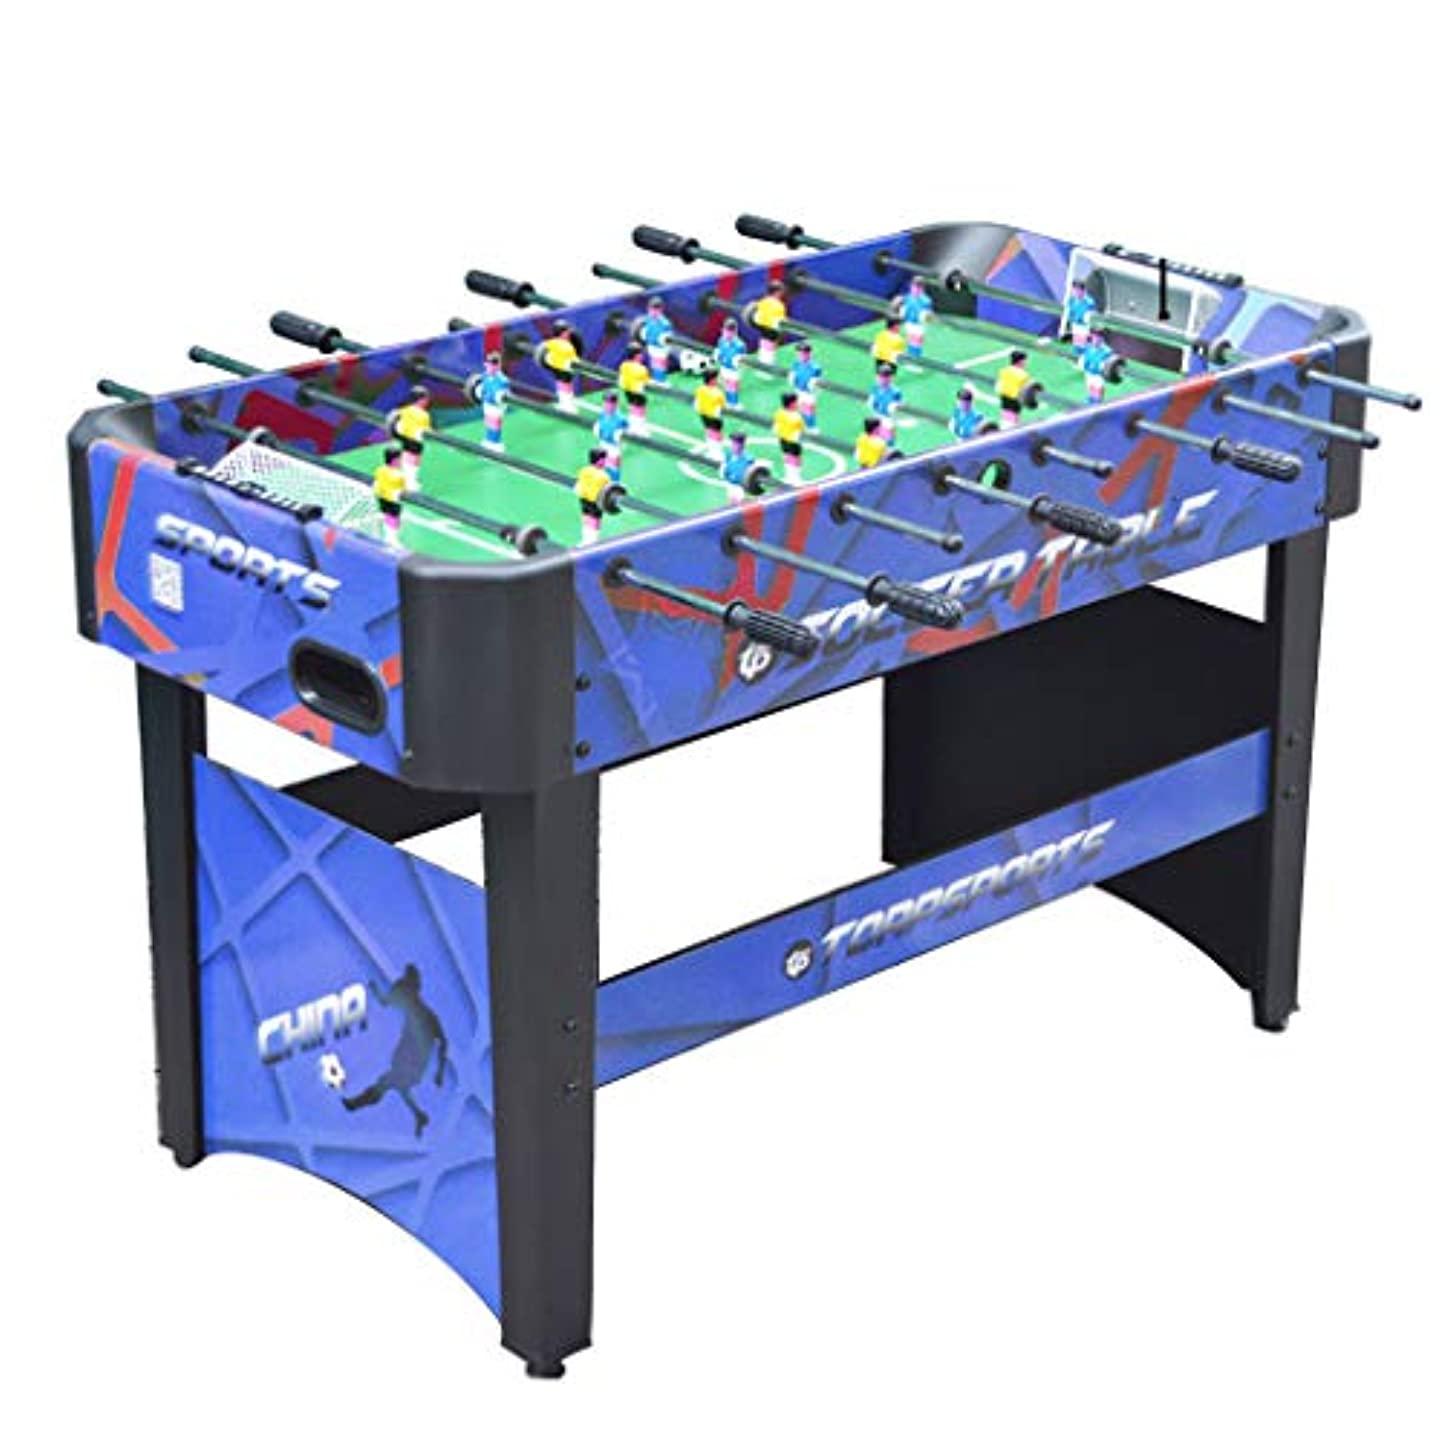 週間不機嫌そうな百年テーブルサッカーキッズ卓球玩具マルチプレイヤーゲーム機両親と子供のインタラクティブビリヤード大人の屋内サッカーマシン家族の子供の教育玩具 (Color : BLUE, Size : 120*60*80CM)